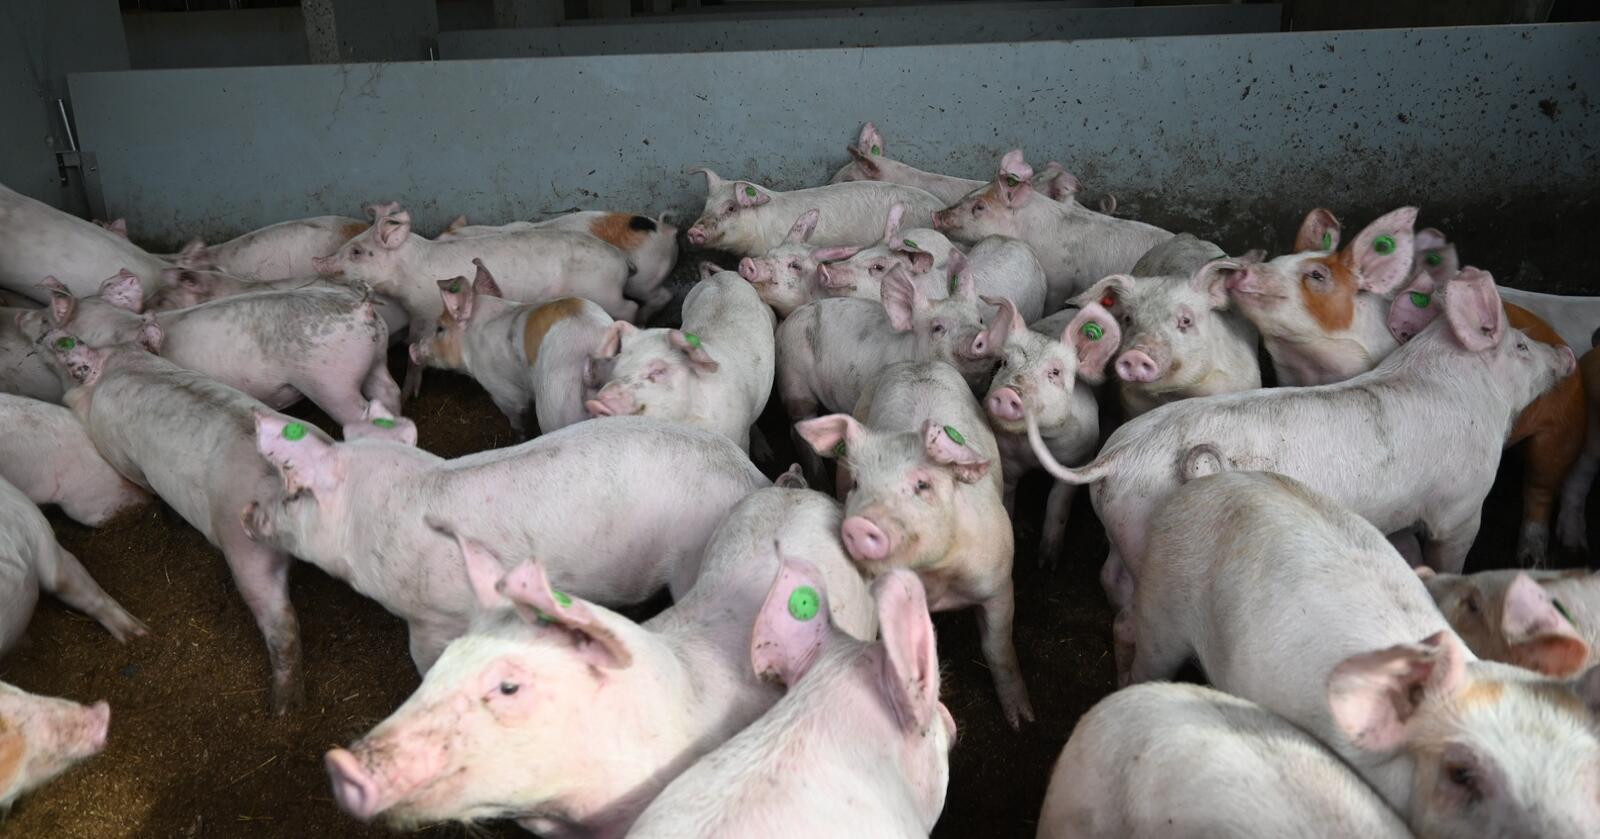 Svinekjøtt: Nortura, Norsvin, Bondelaget og Småbrukarlaget mener det er Omsetningsrådet som bør fastsette grensa for hvor mye svinekjøtt som kan fryses inn – ikke Stortinget. (Foto: Marit Glærum)